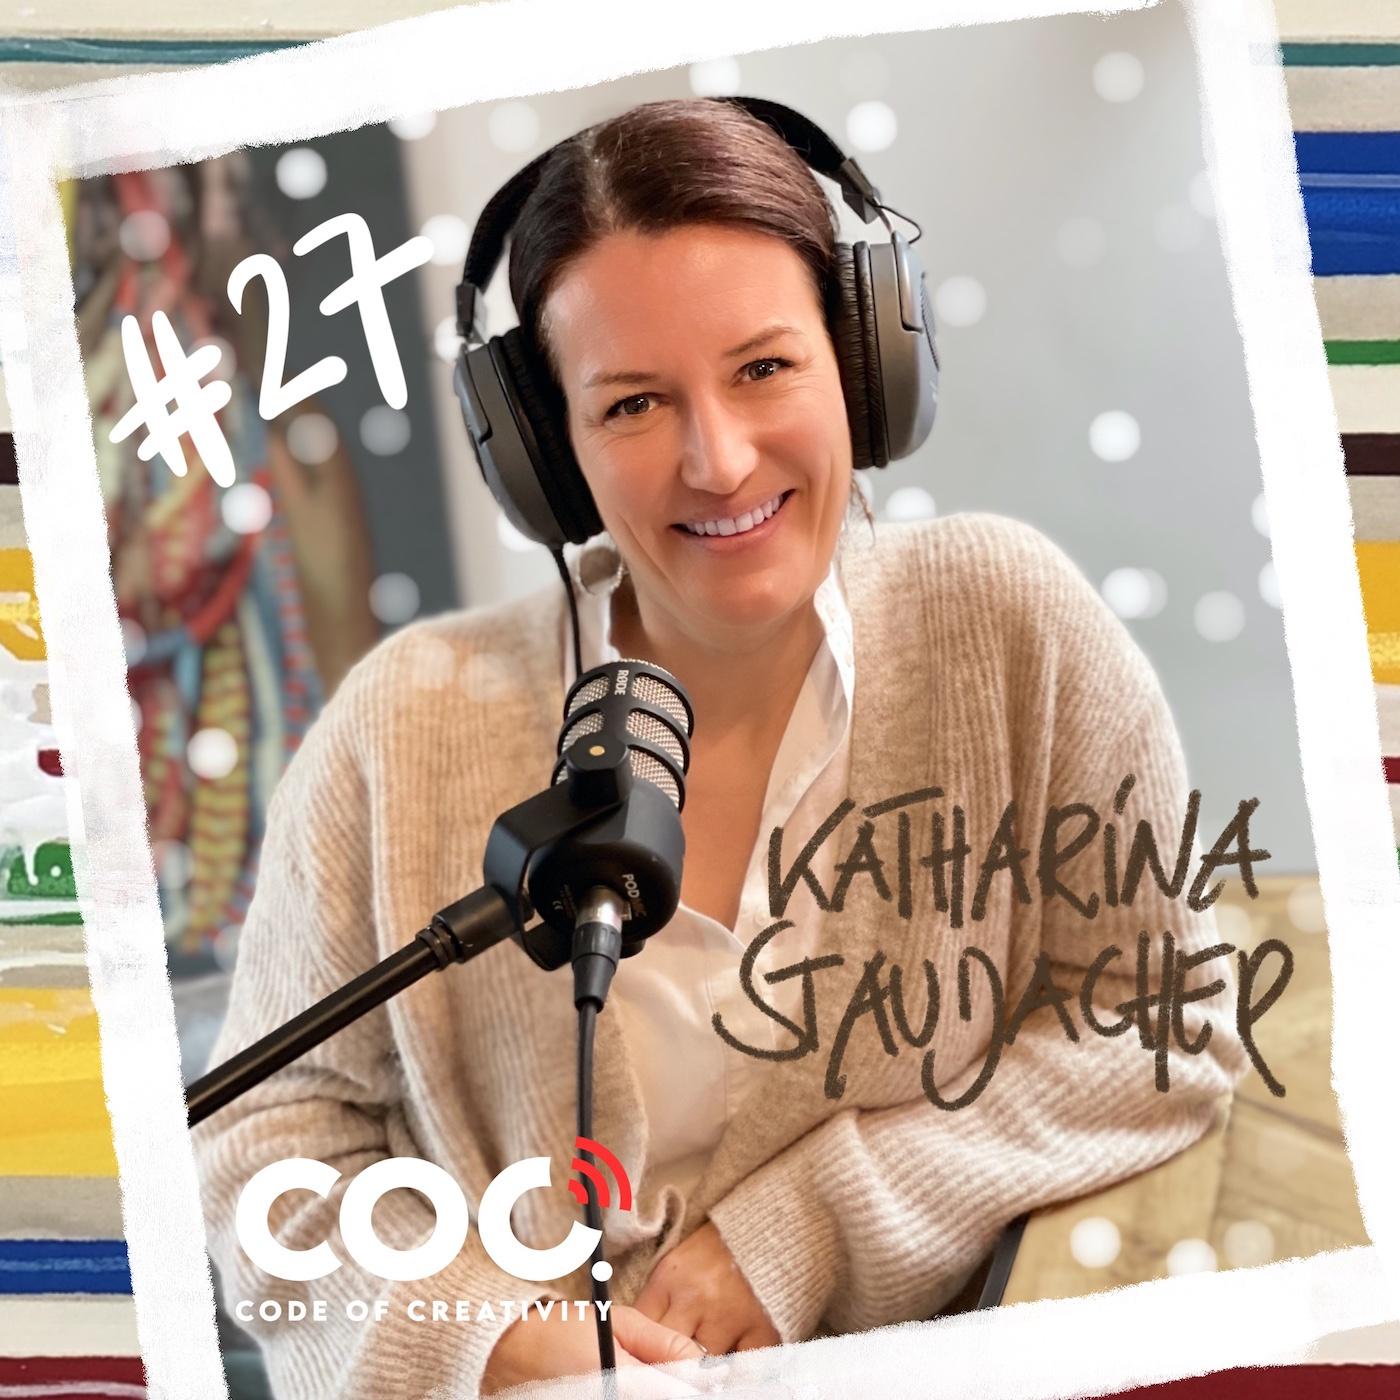 #27 Katharina Staudacher - Unternehmerin - Female Empowering unplugged -